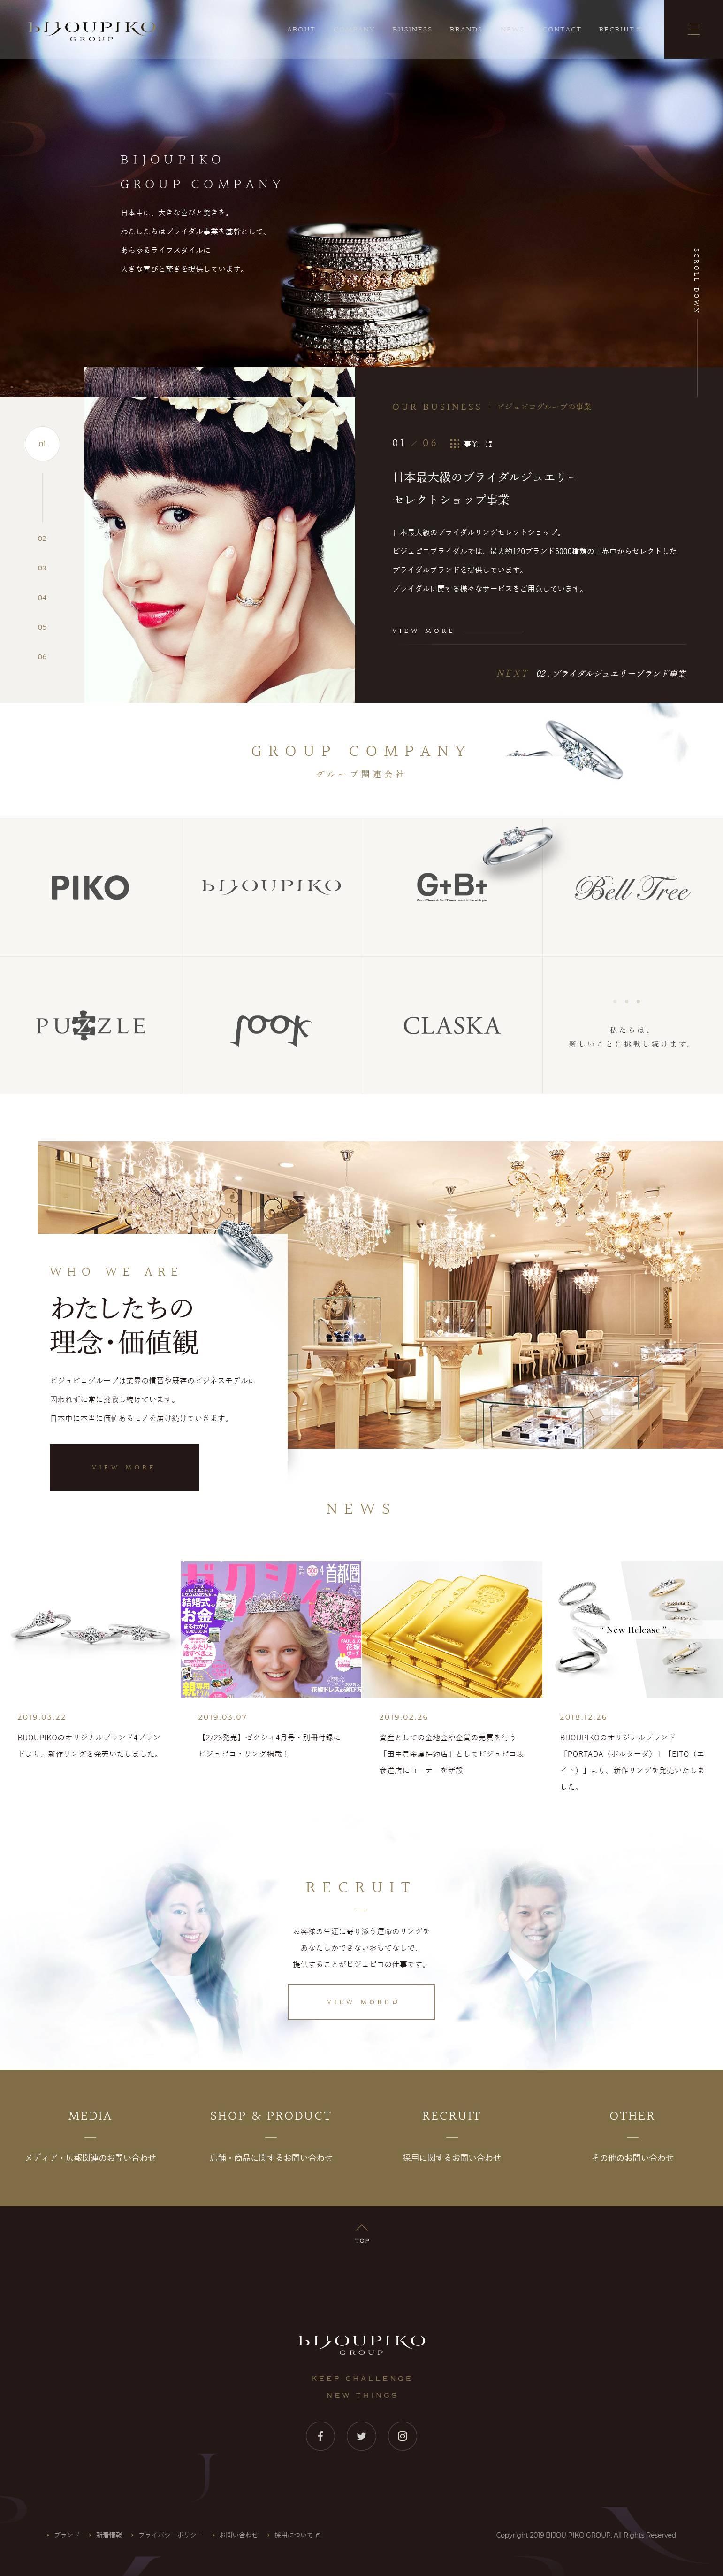 ビジュピコグループ公式企業サイト